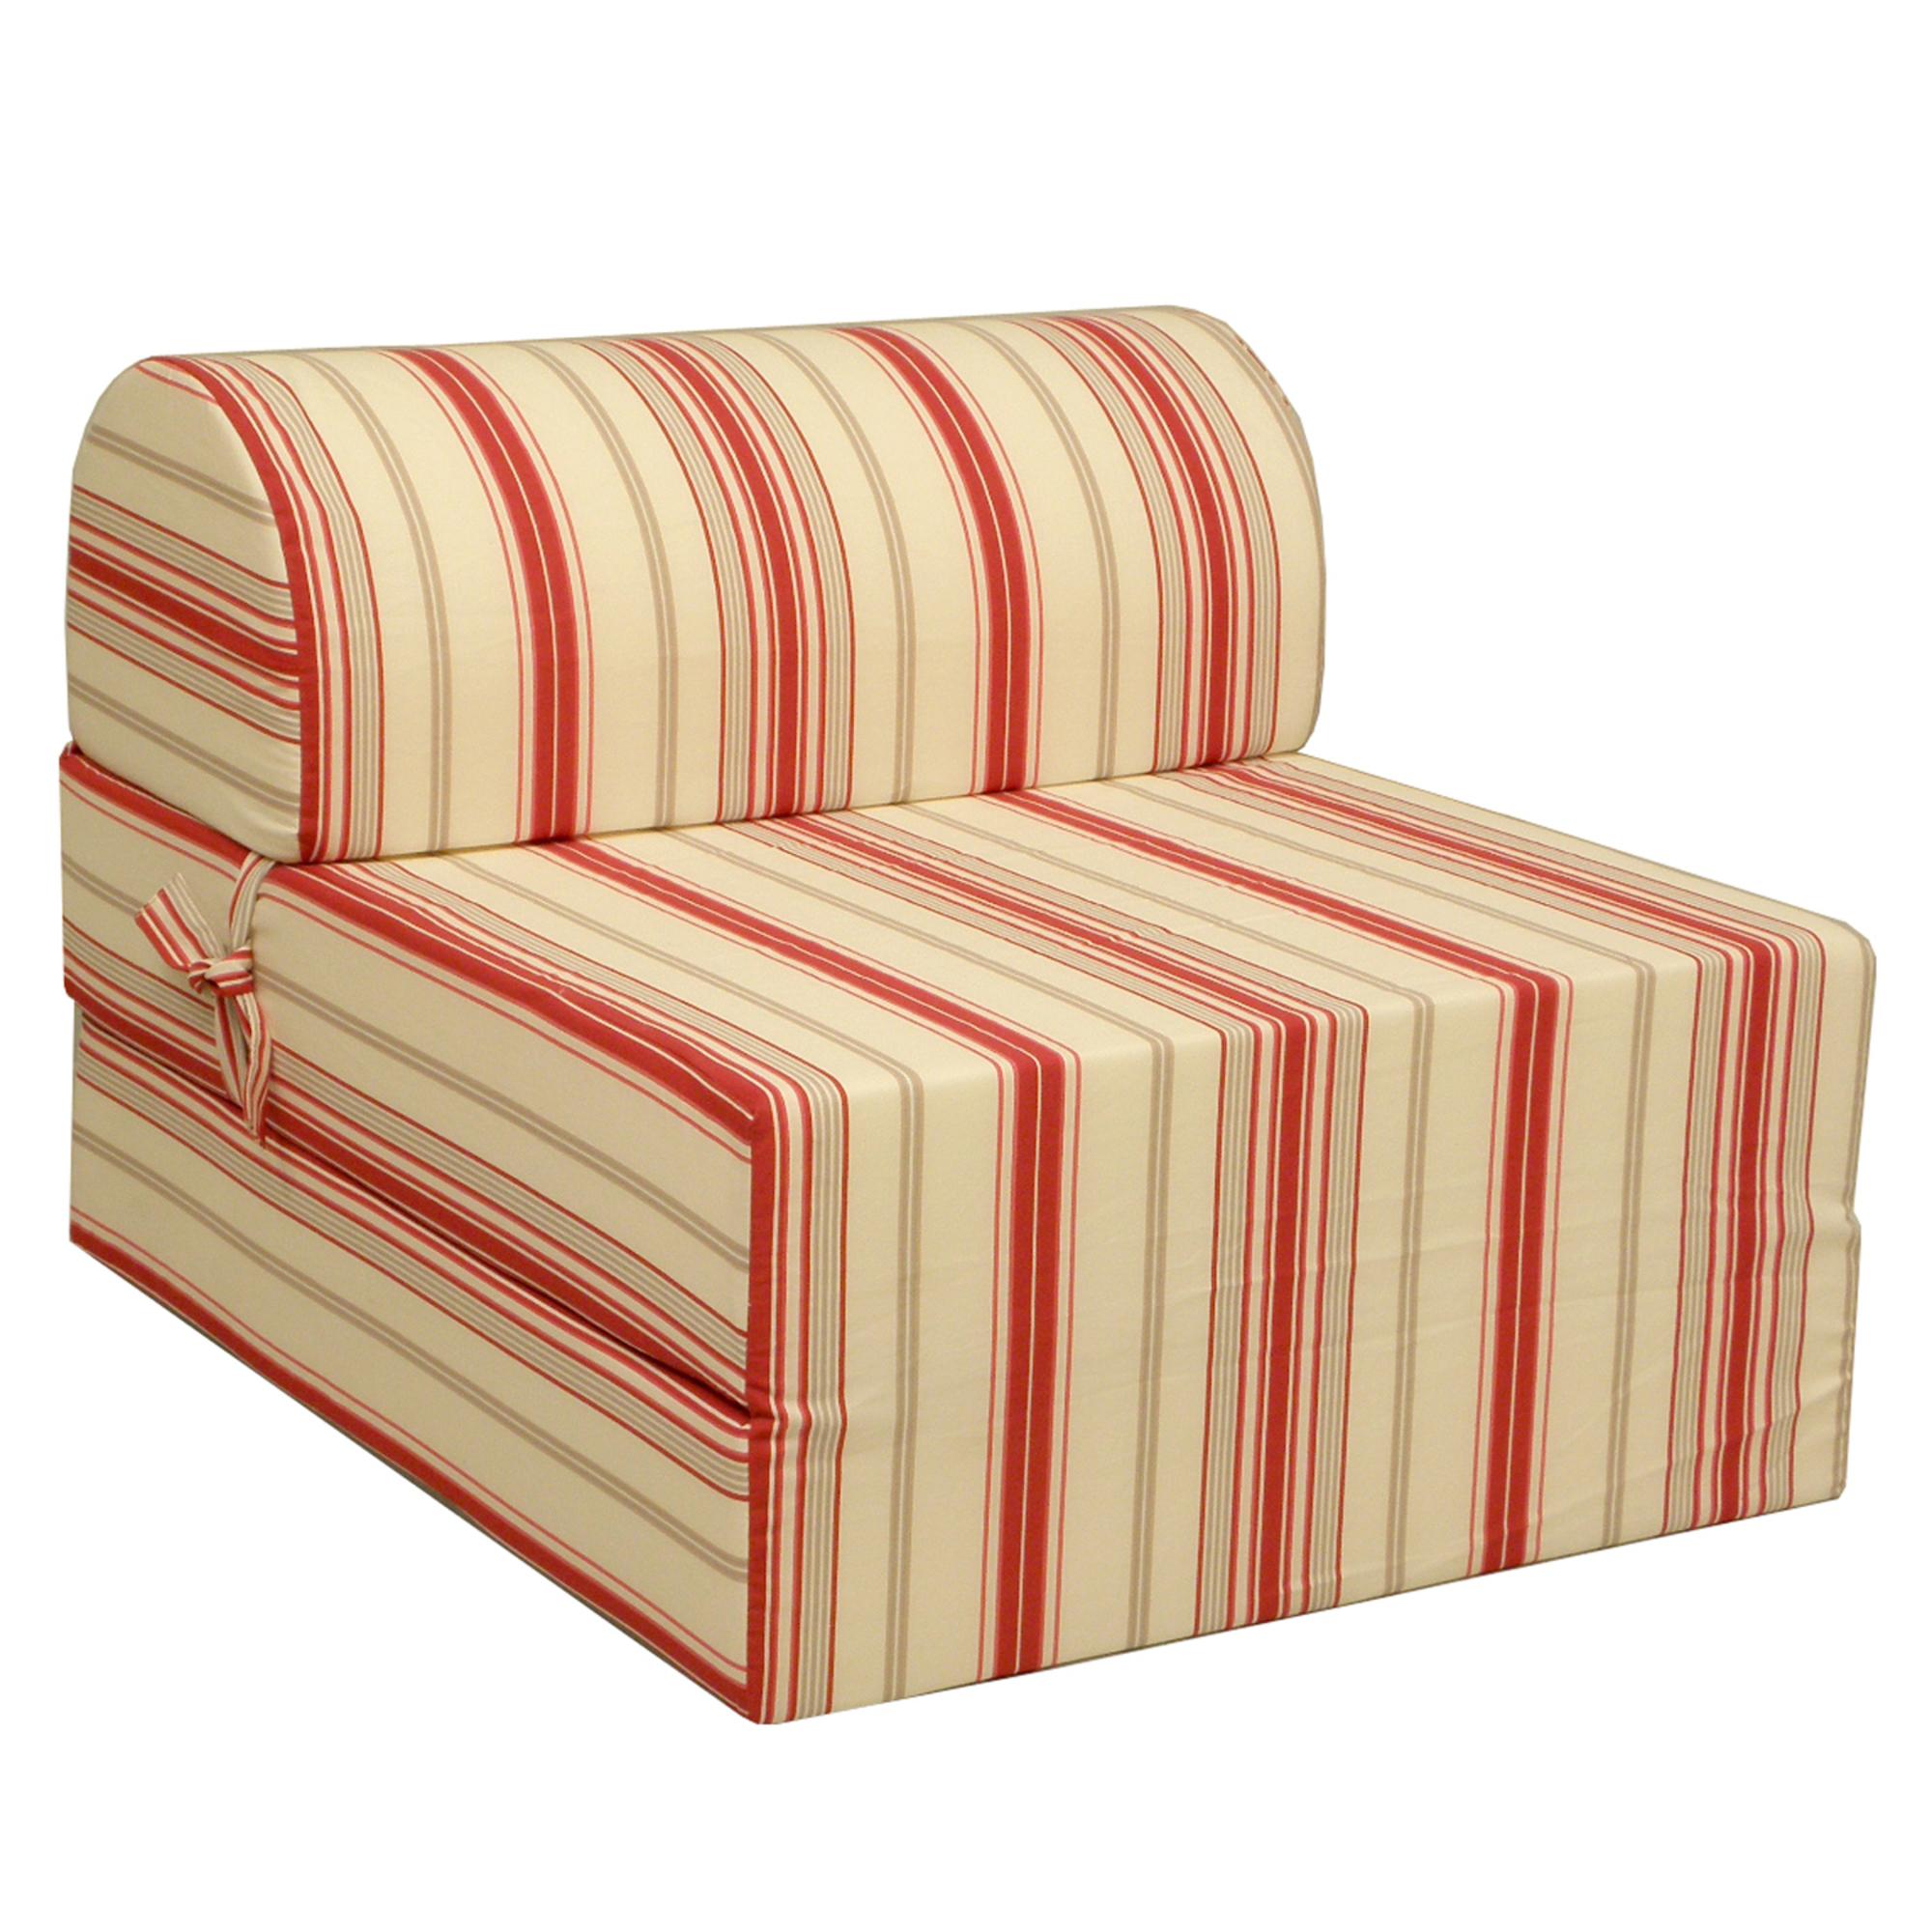 chauffeuse jody ray rouge zelie frais de traitement de commande offerts acheter ce. Black Bedroom Furniture Sets. Home Design Ideas